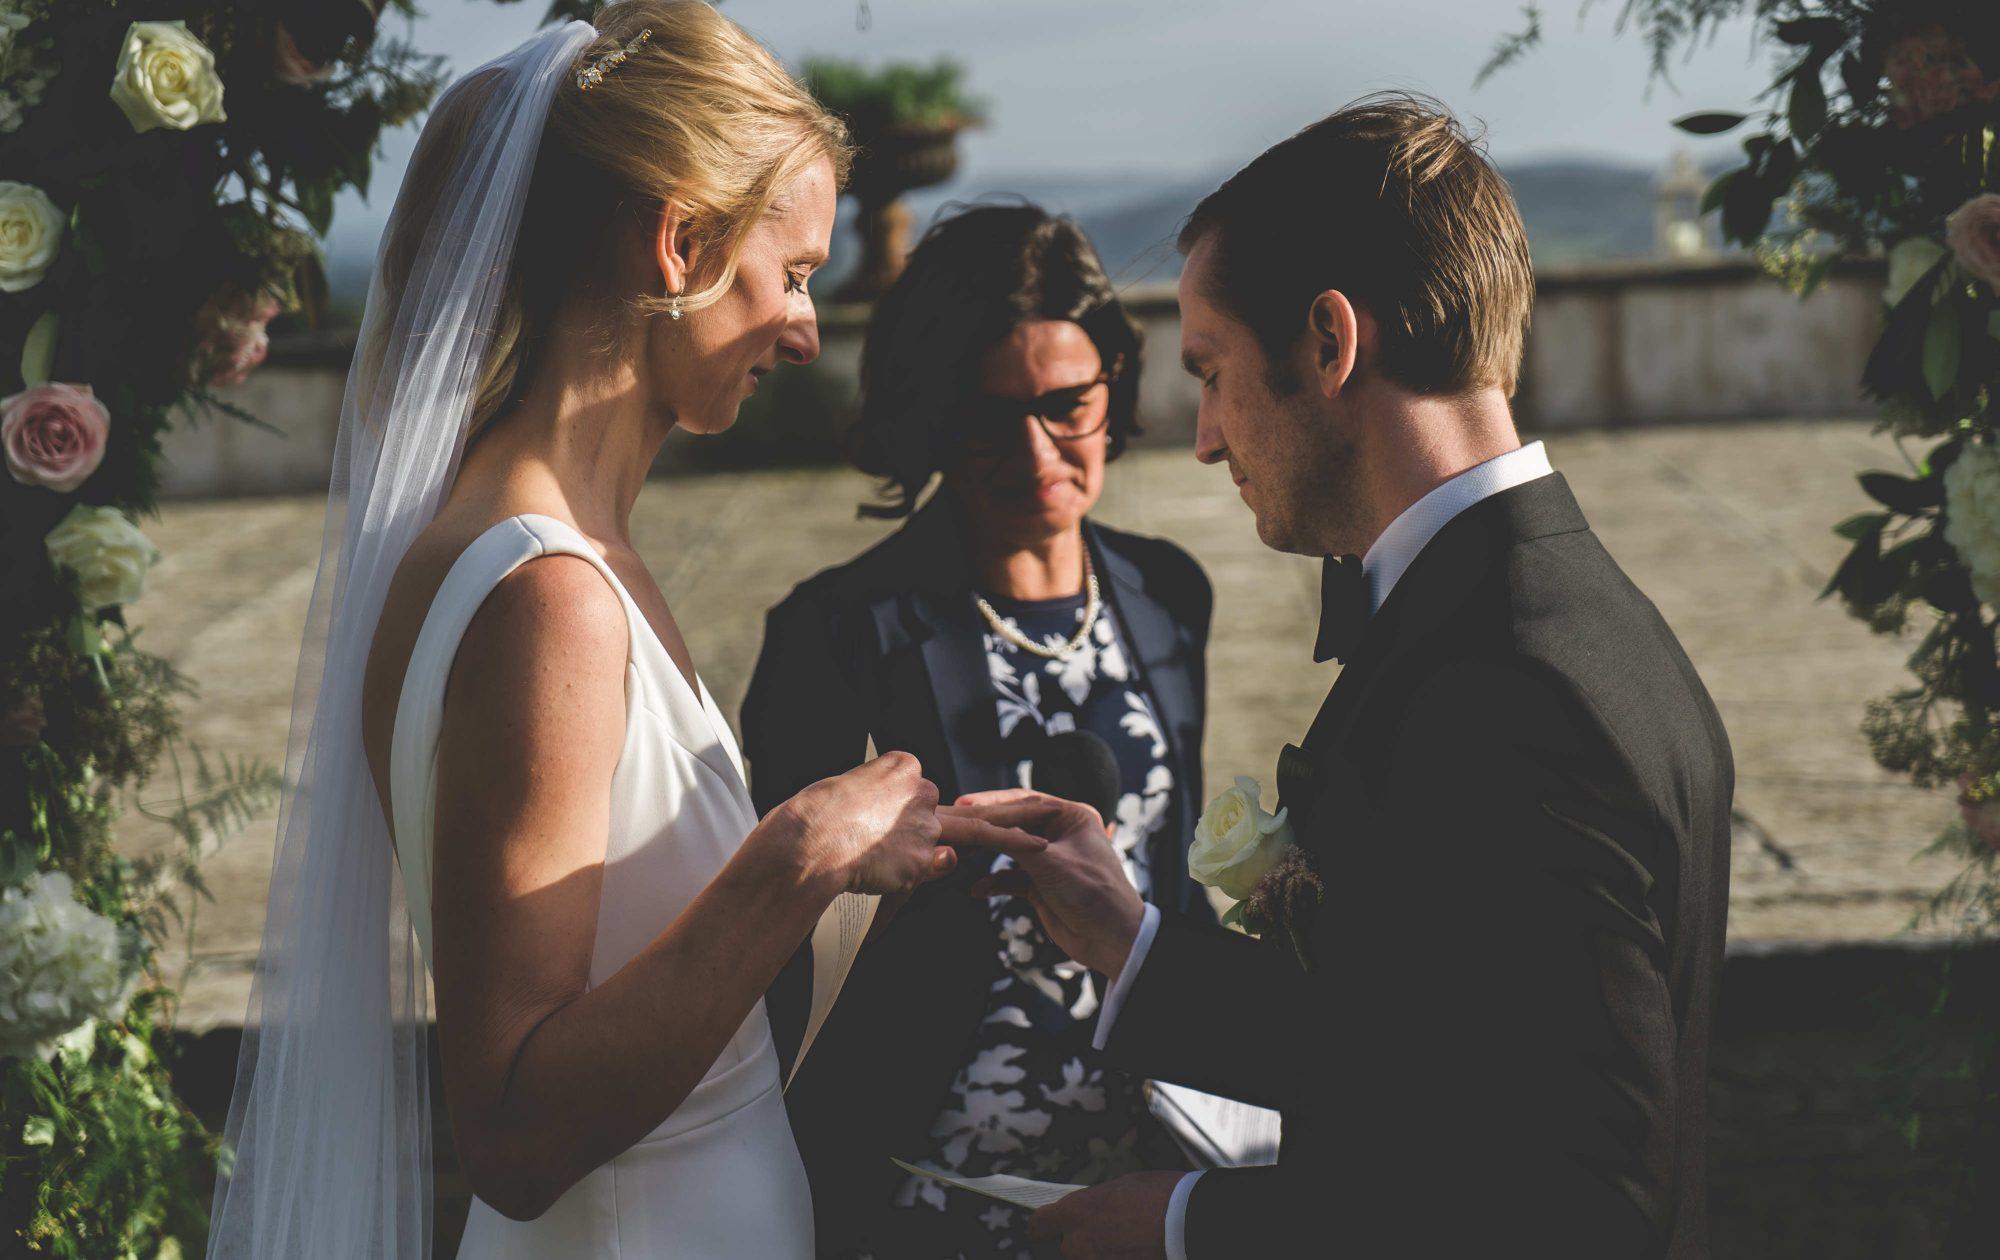 civil-wedding-tuscany-italy